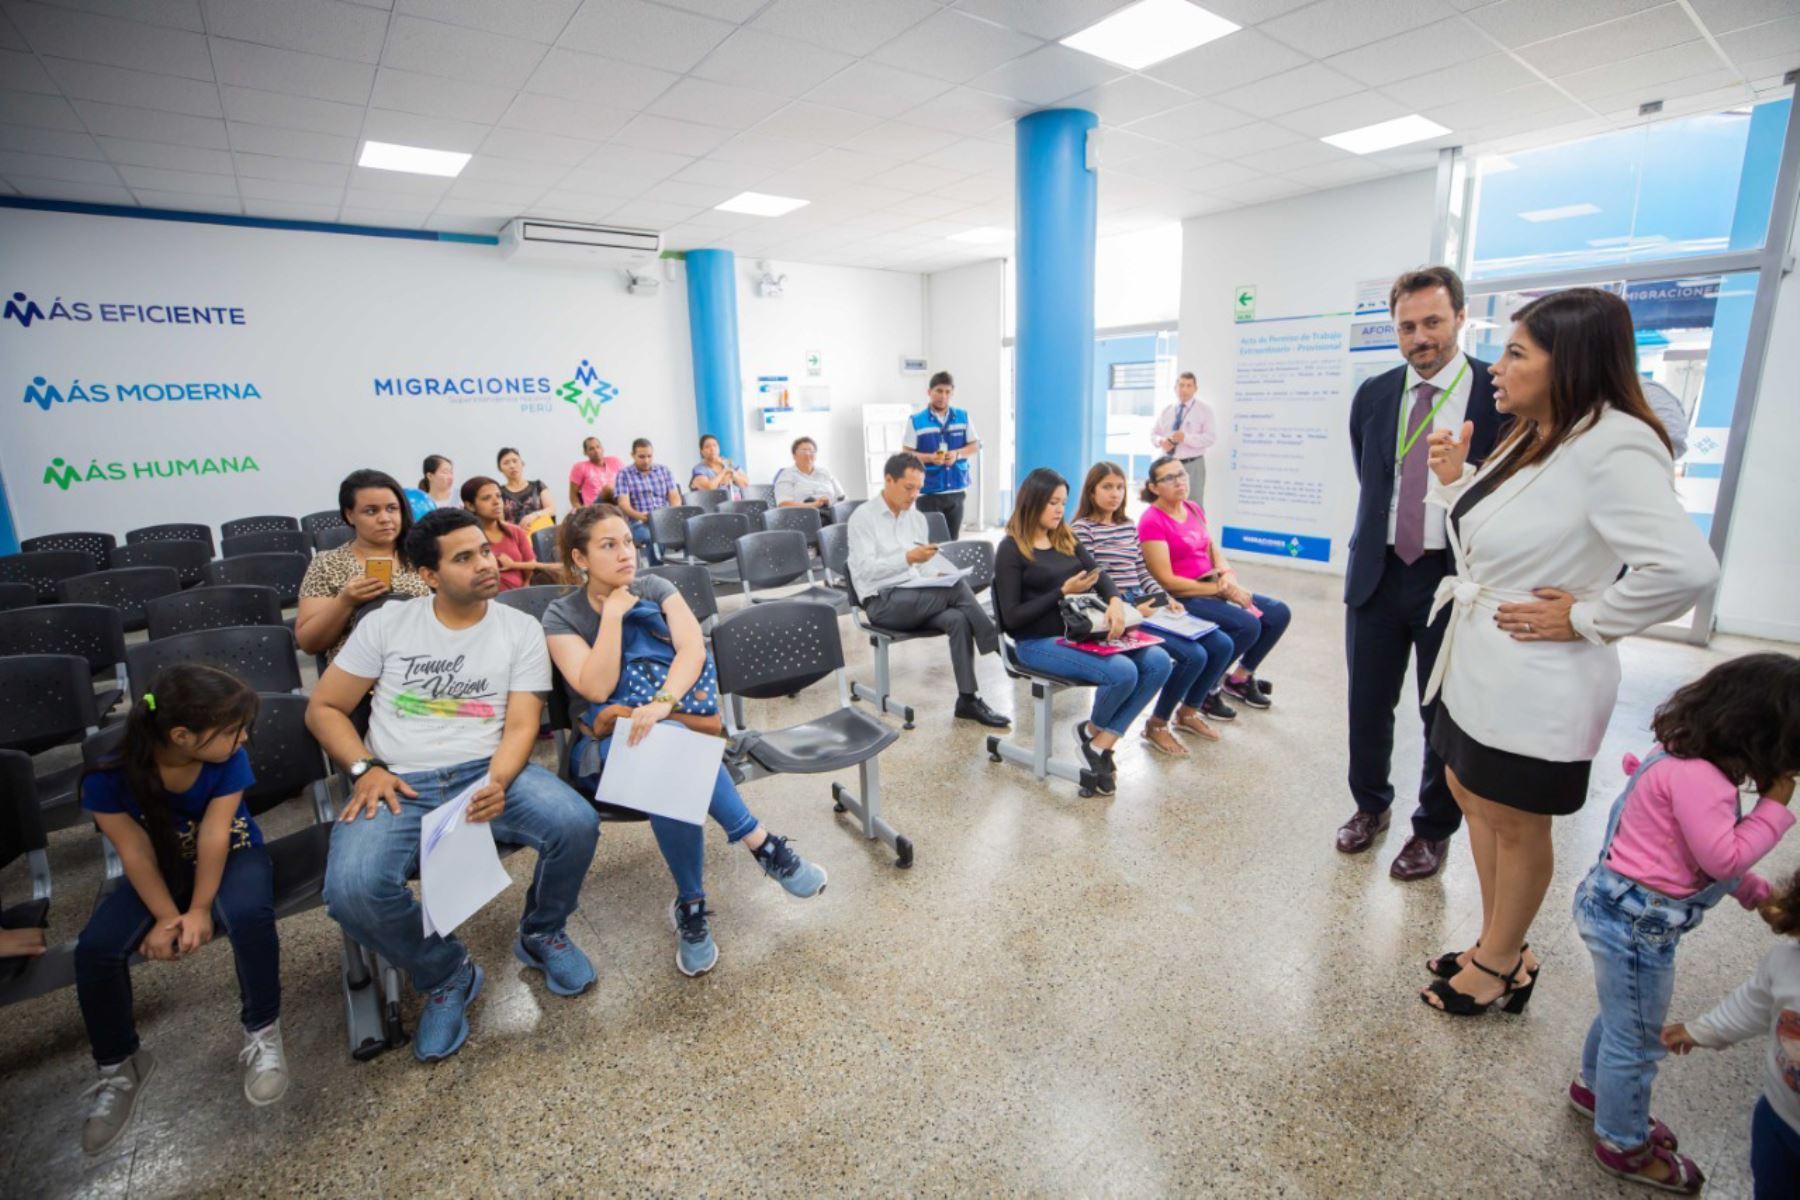 Agusti se entrevistó con Del Águila y recorrió instalaciones. Foto: Migraciones.